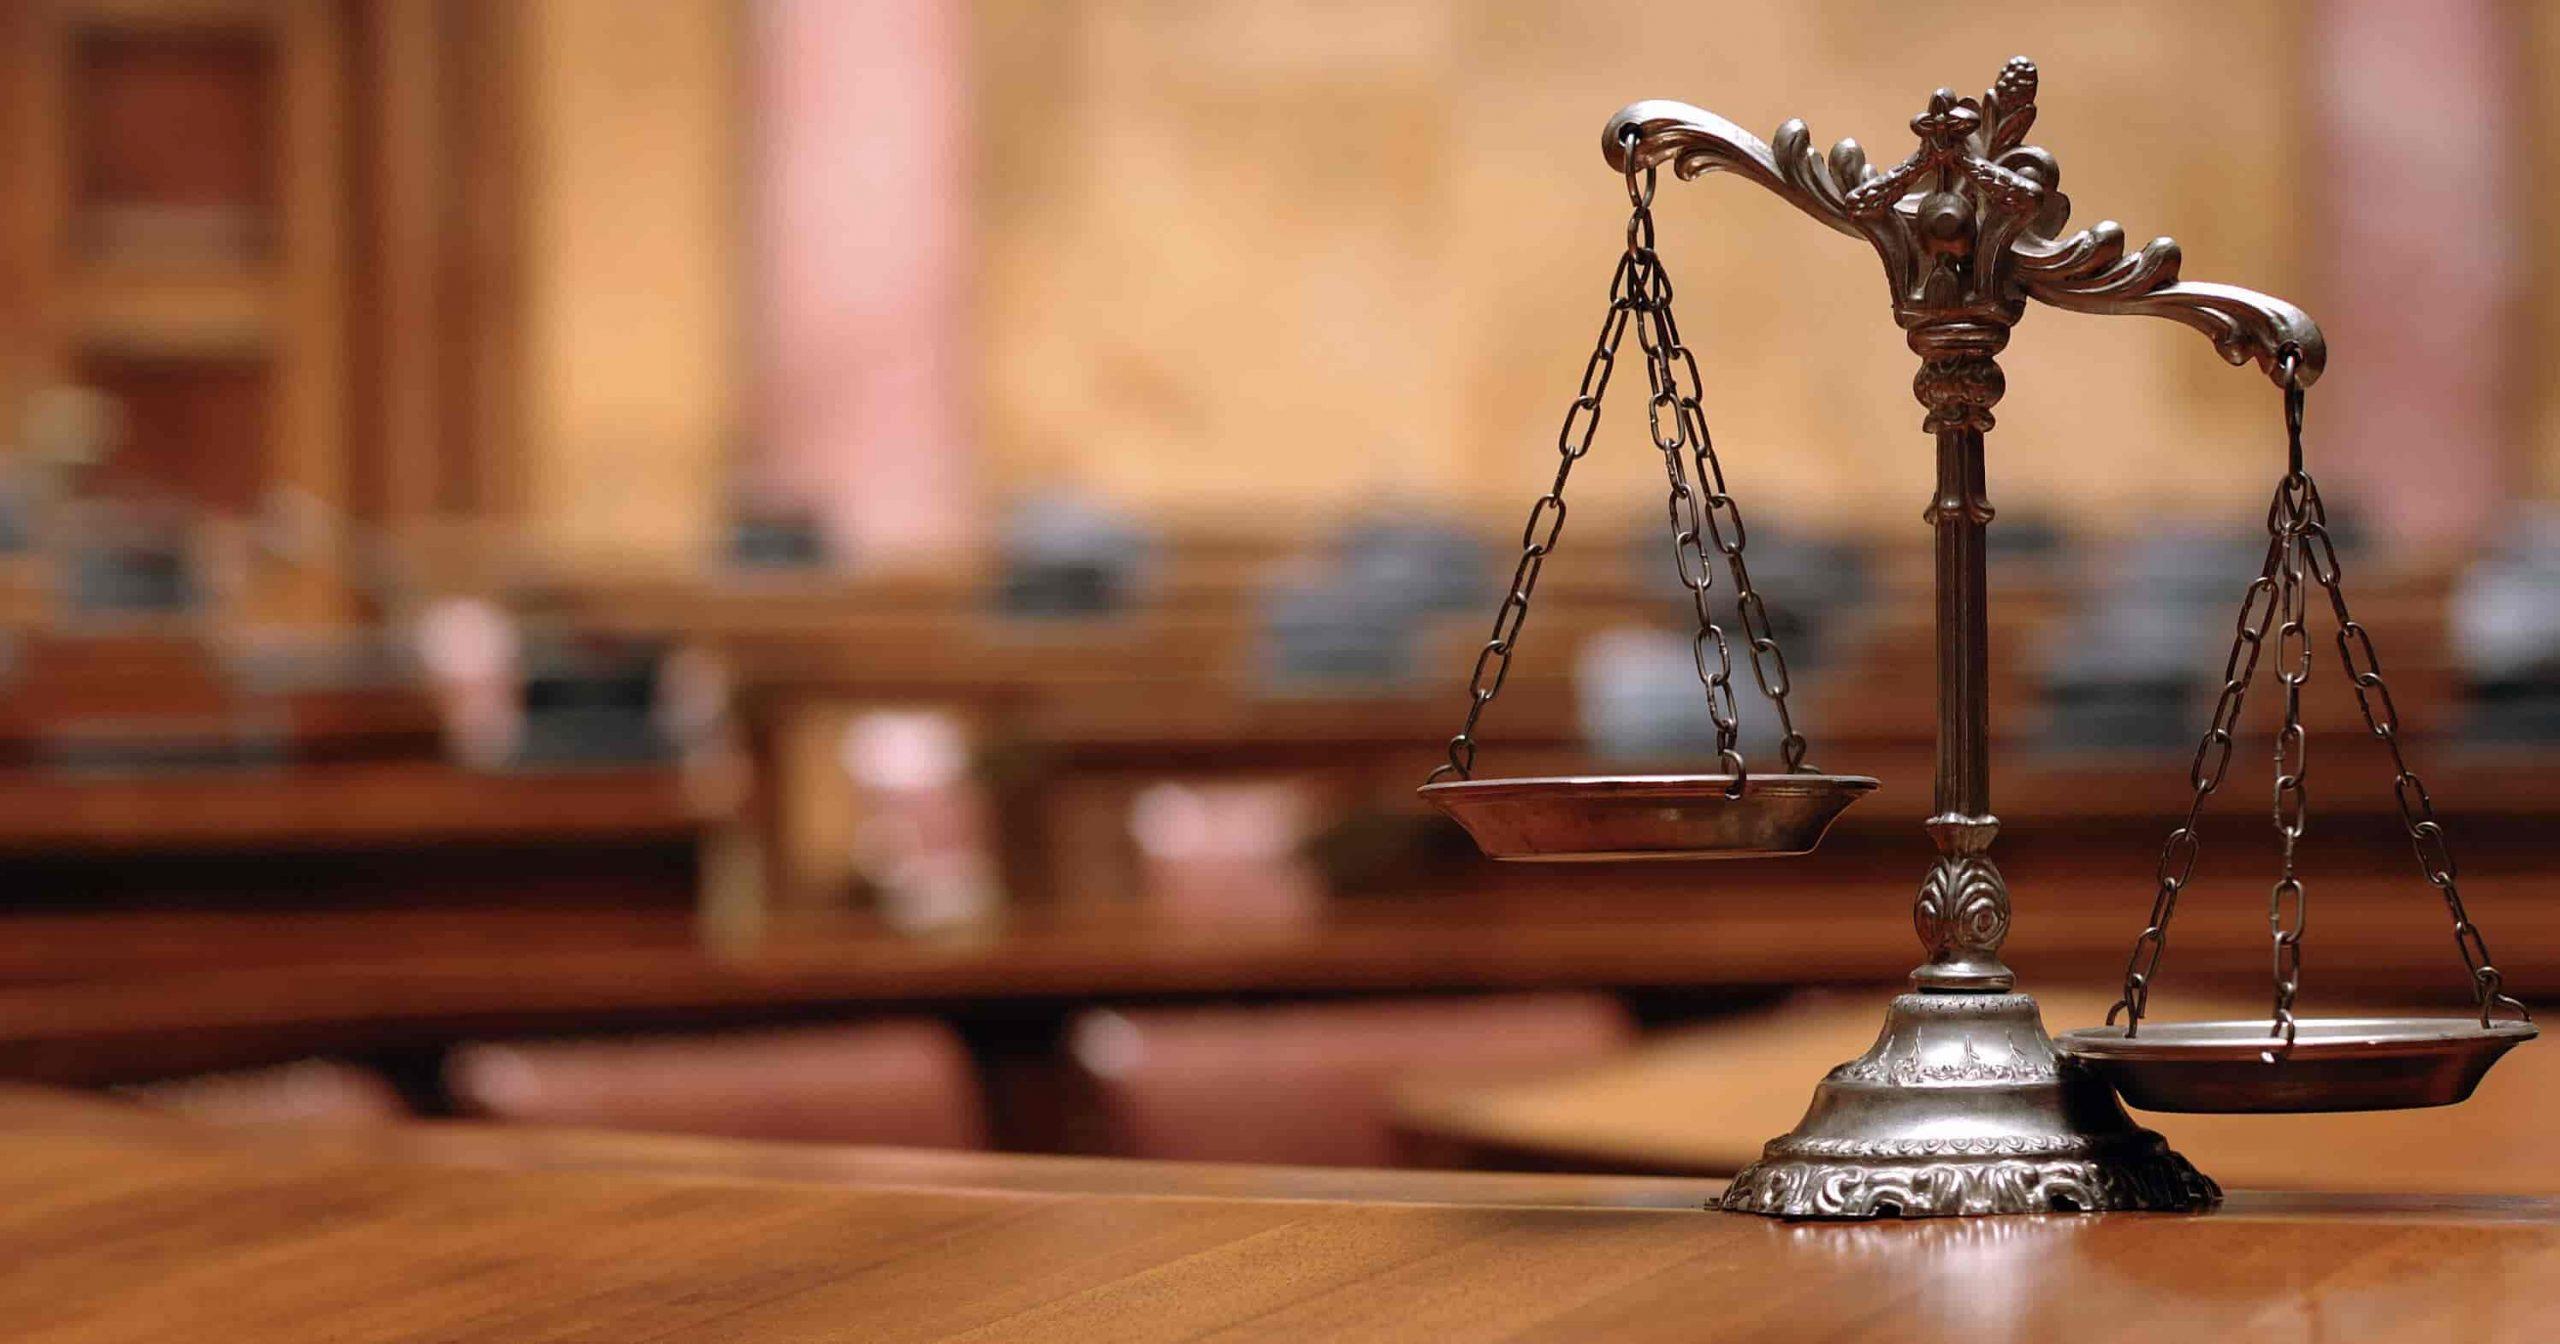 il procedimento disciplinare nei confronti dell'avvocato